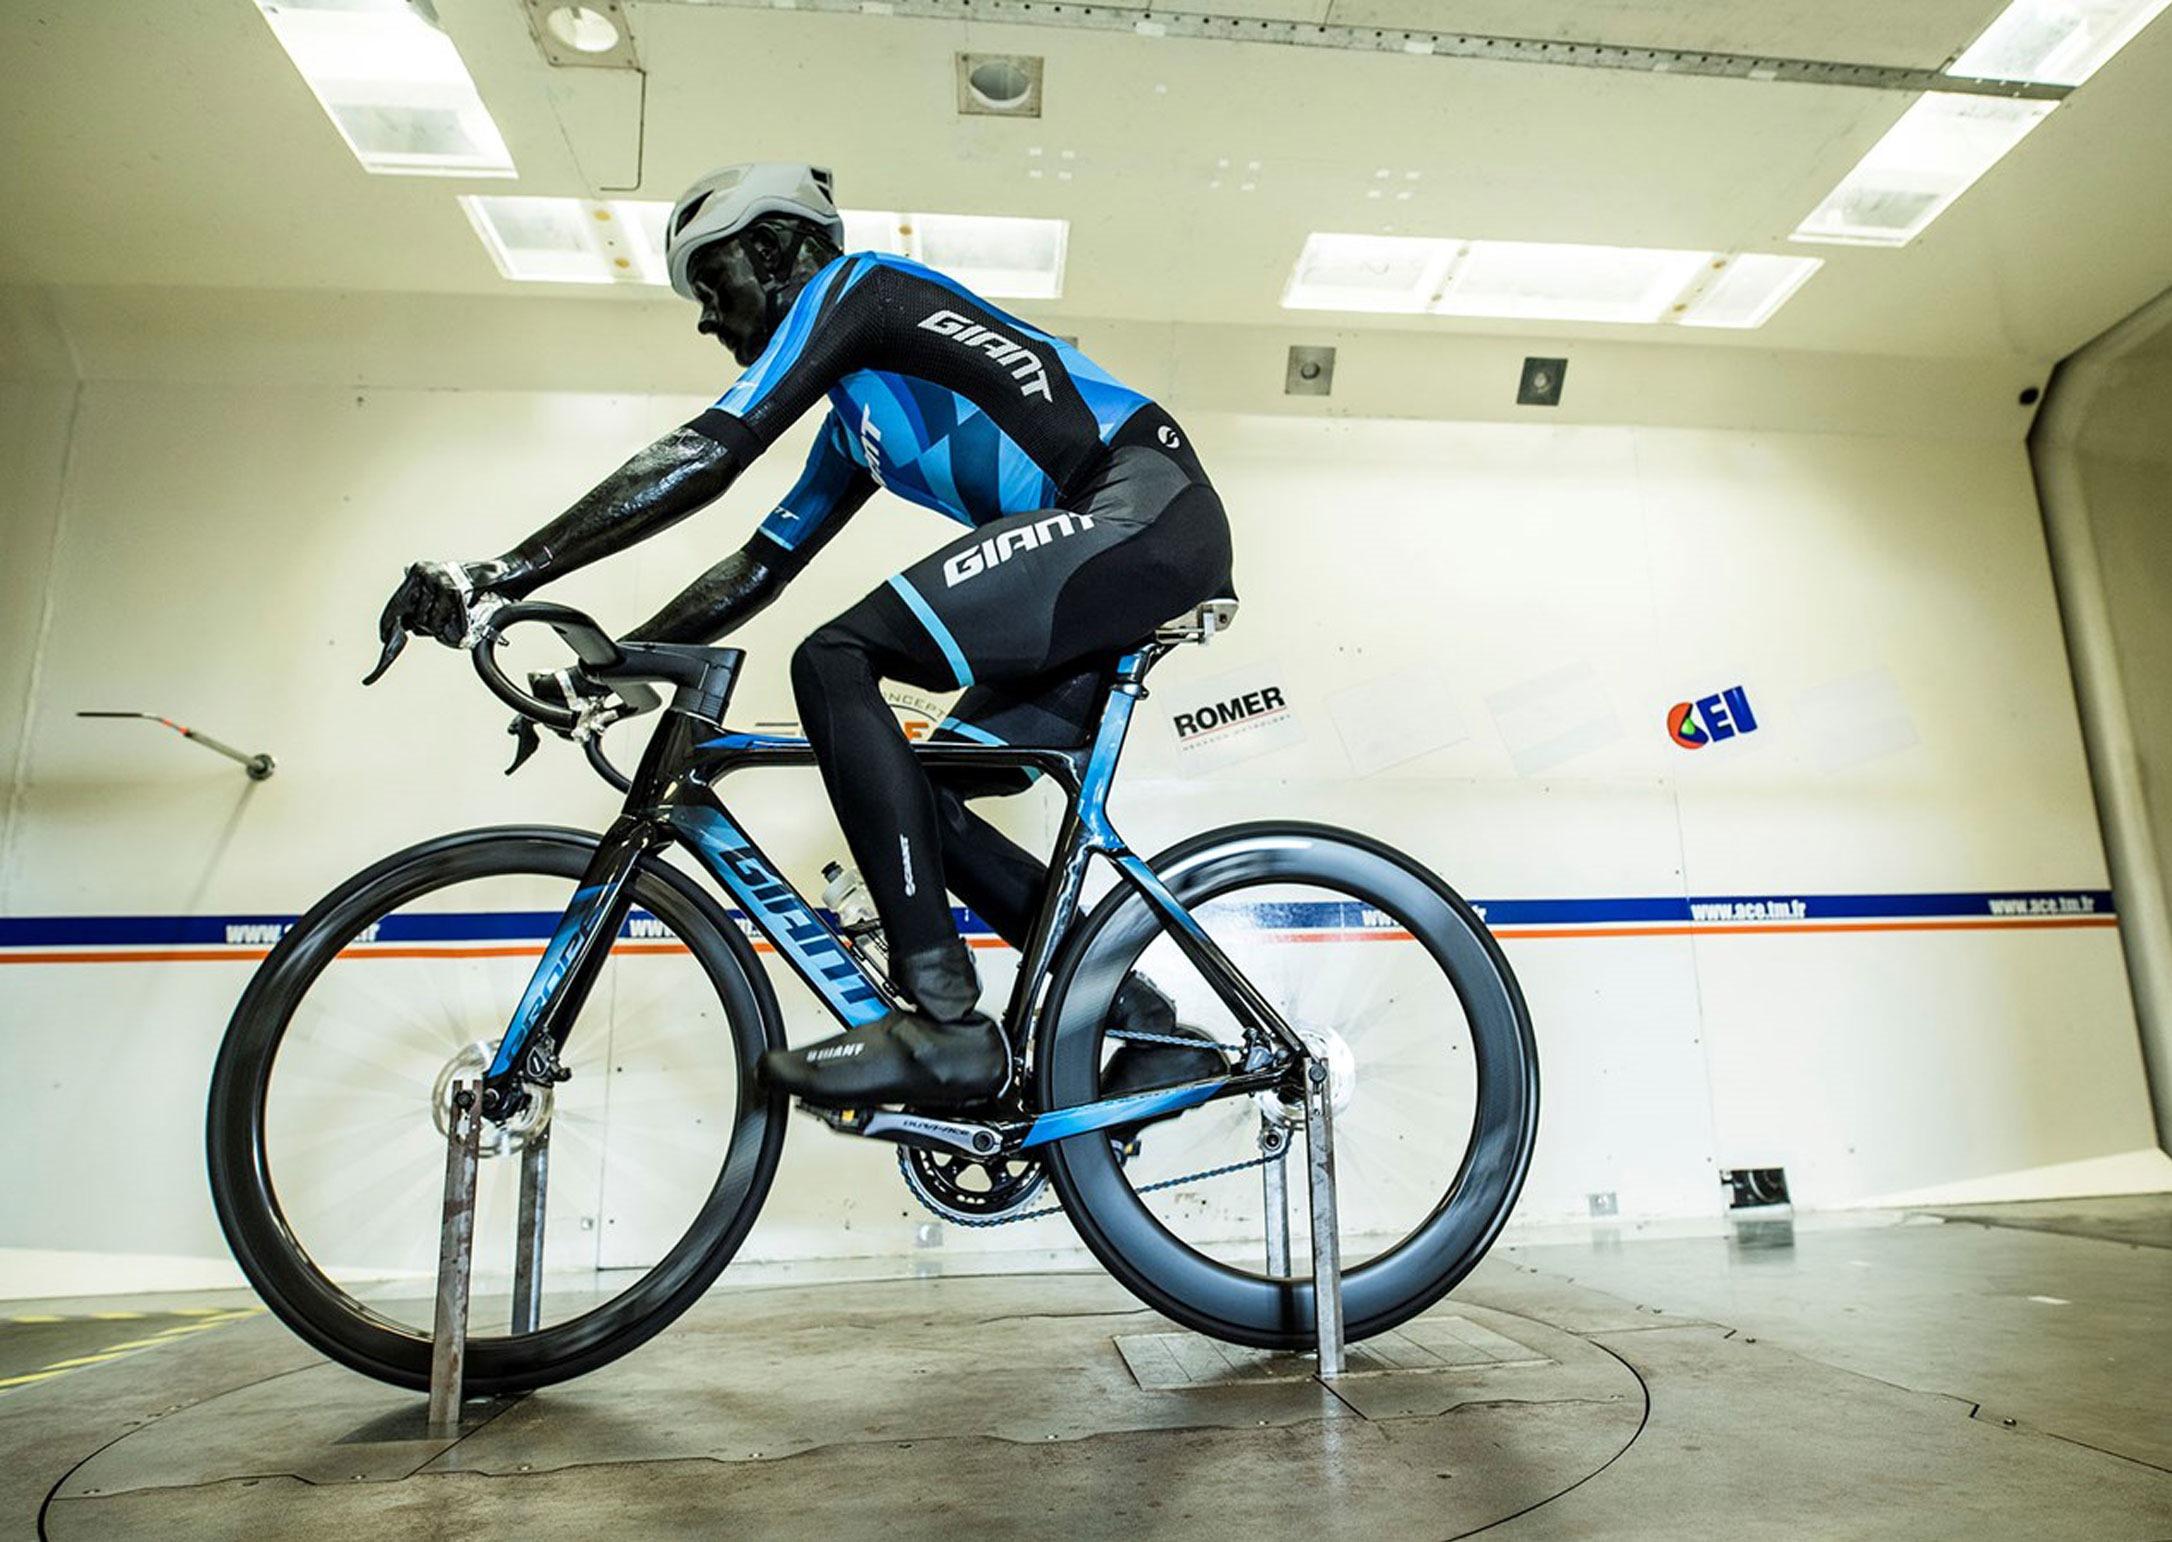 giant-road-bike-aero-road-bike-carbon-4